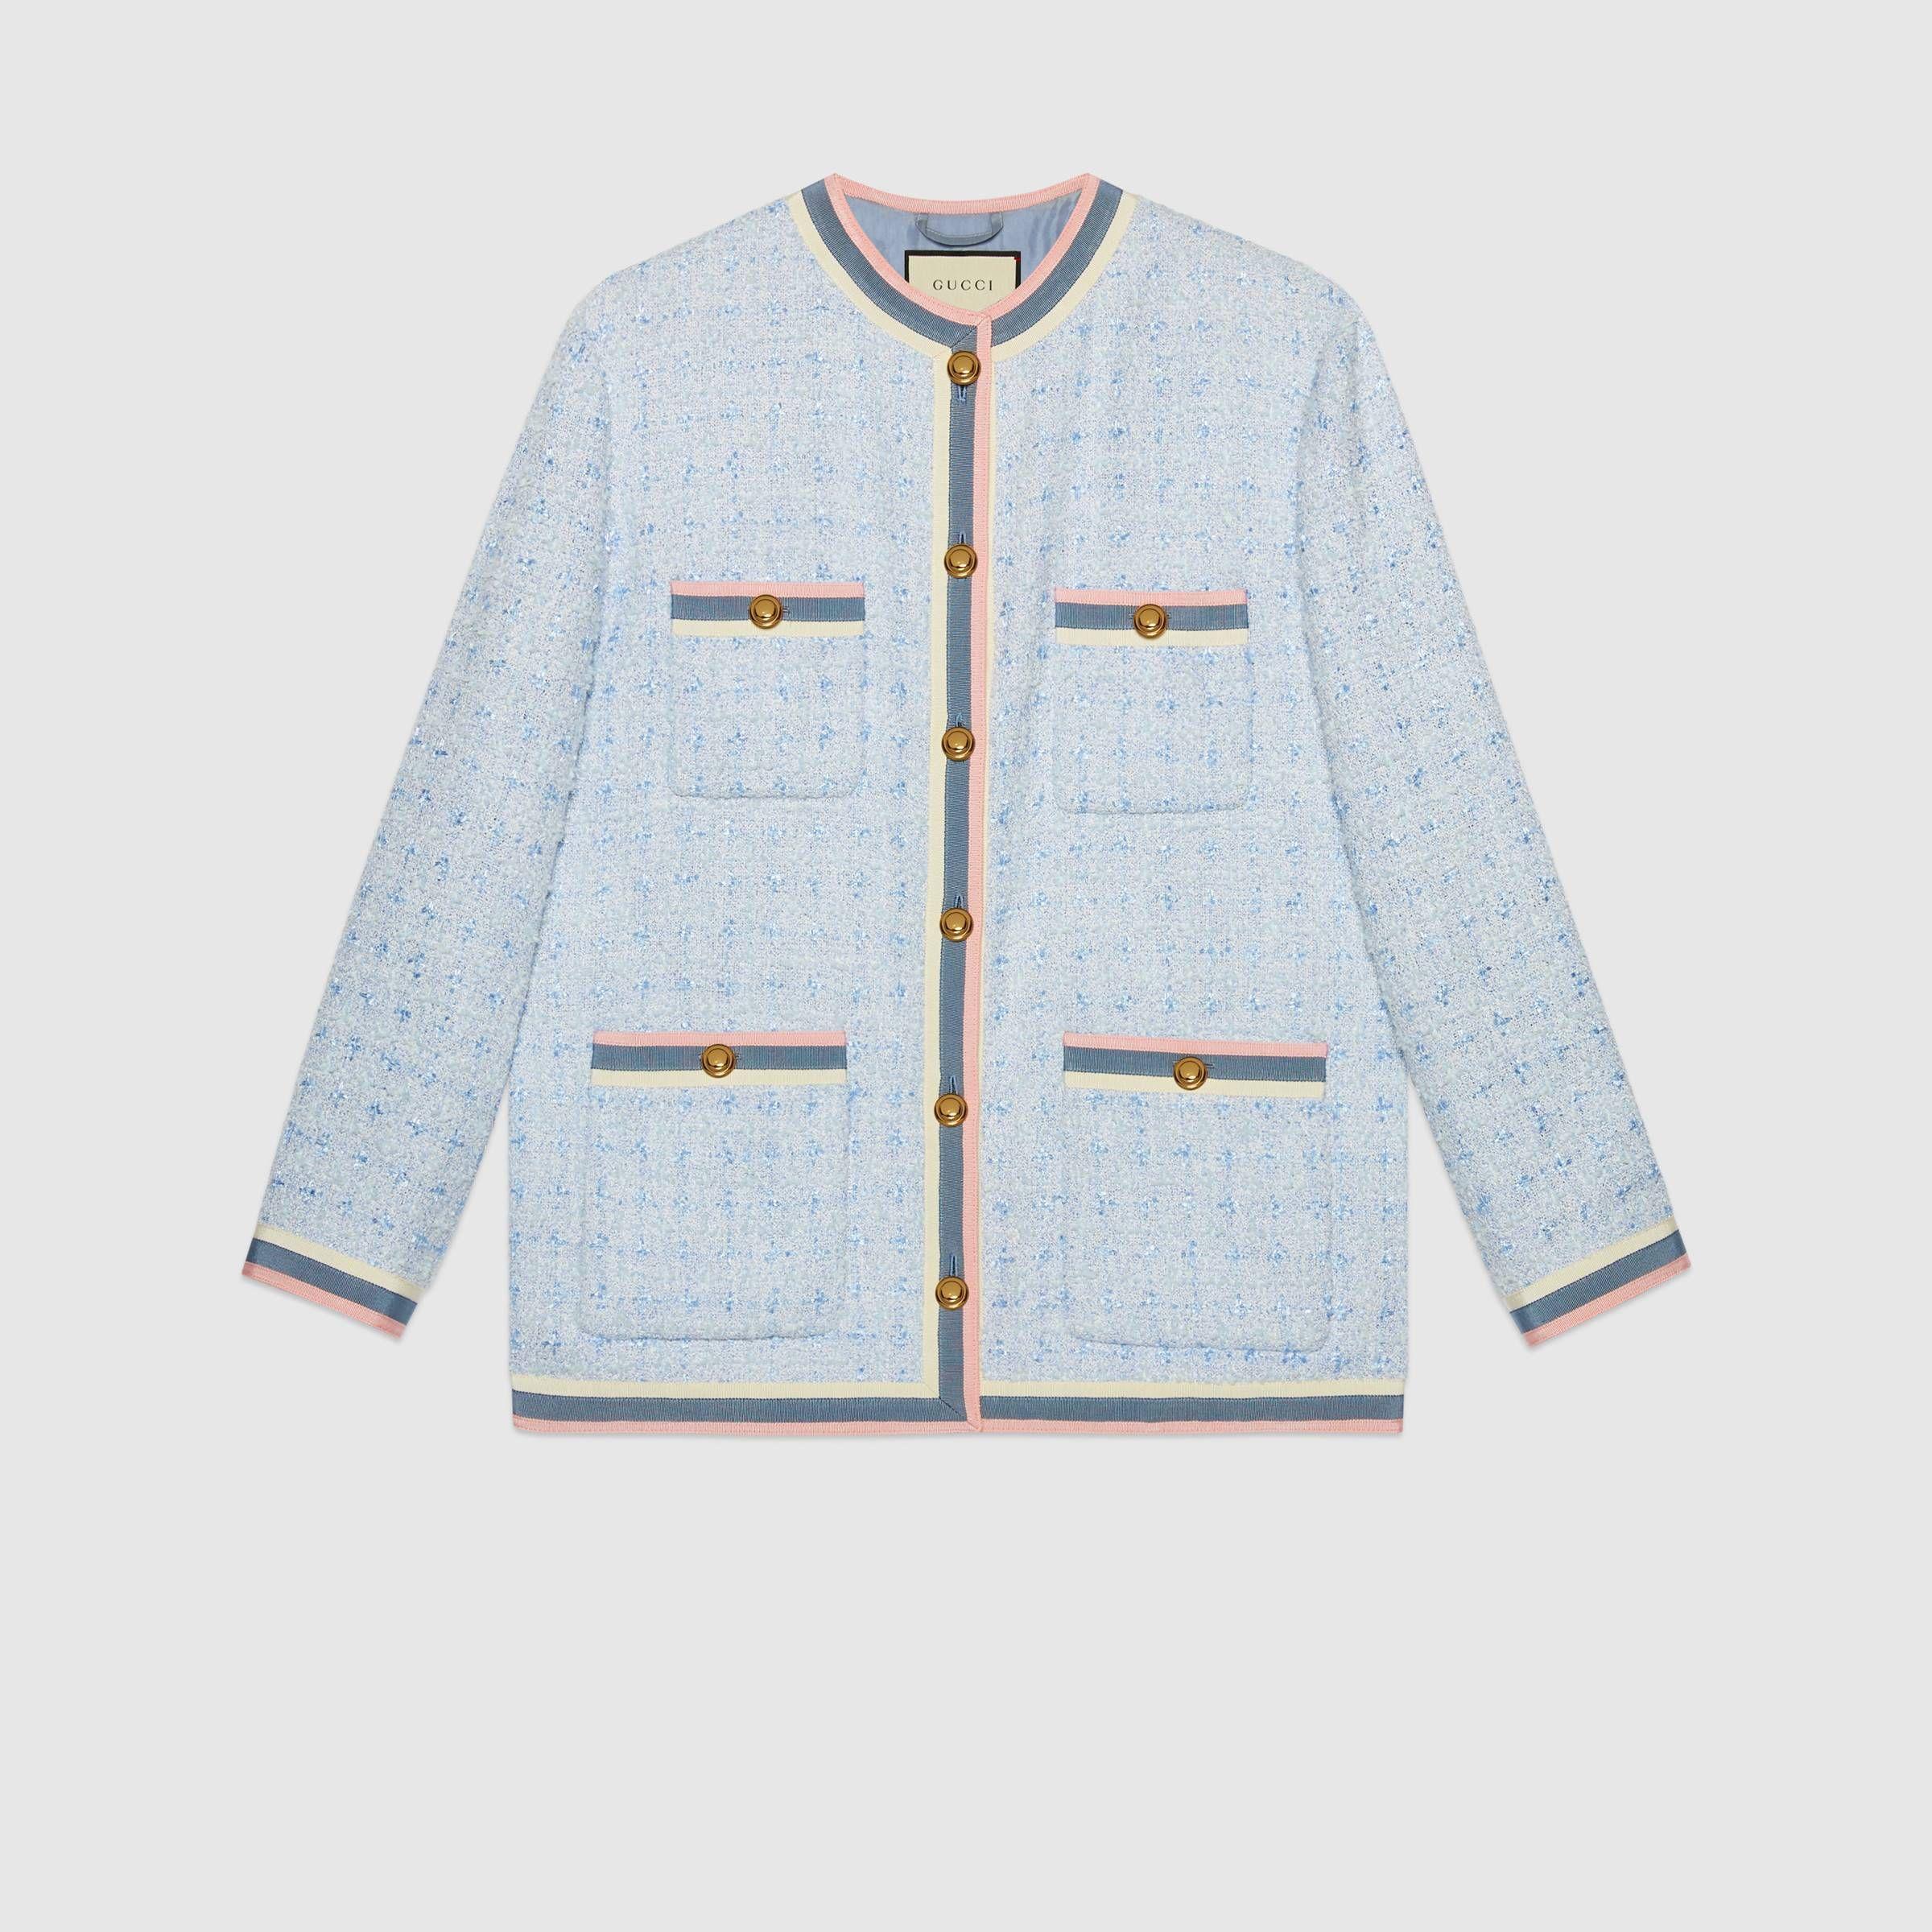 Tweed Jacket In Light Blue Pastel Tweed Gucci Women S Jackets Tweed Jacket Jackets For Women Jackets [ 2400 x 2400 Pixel ]